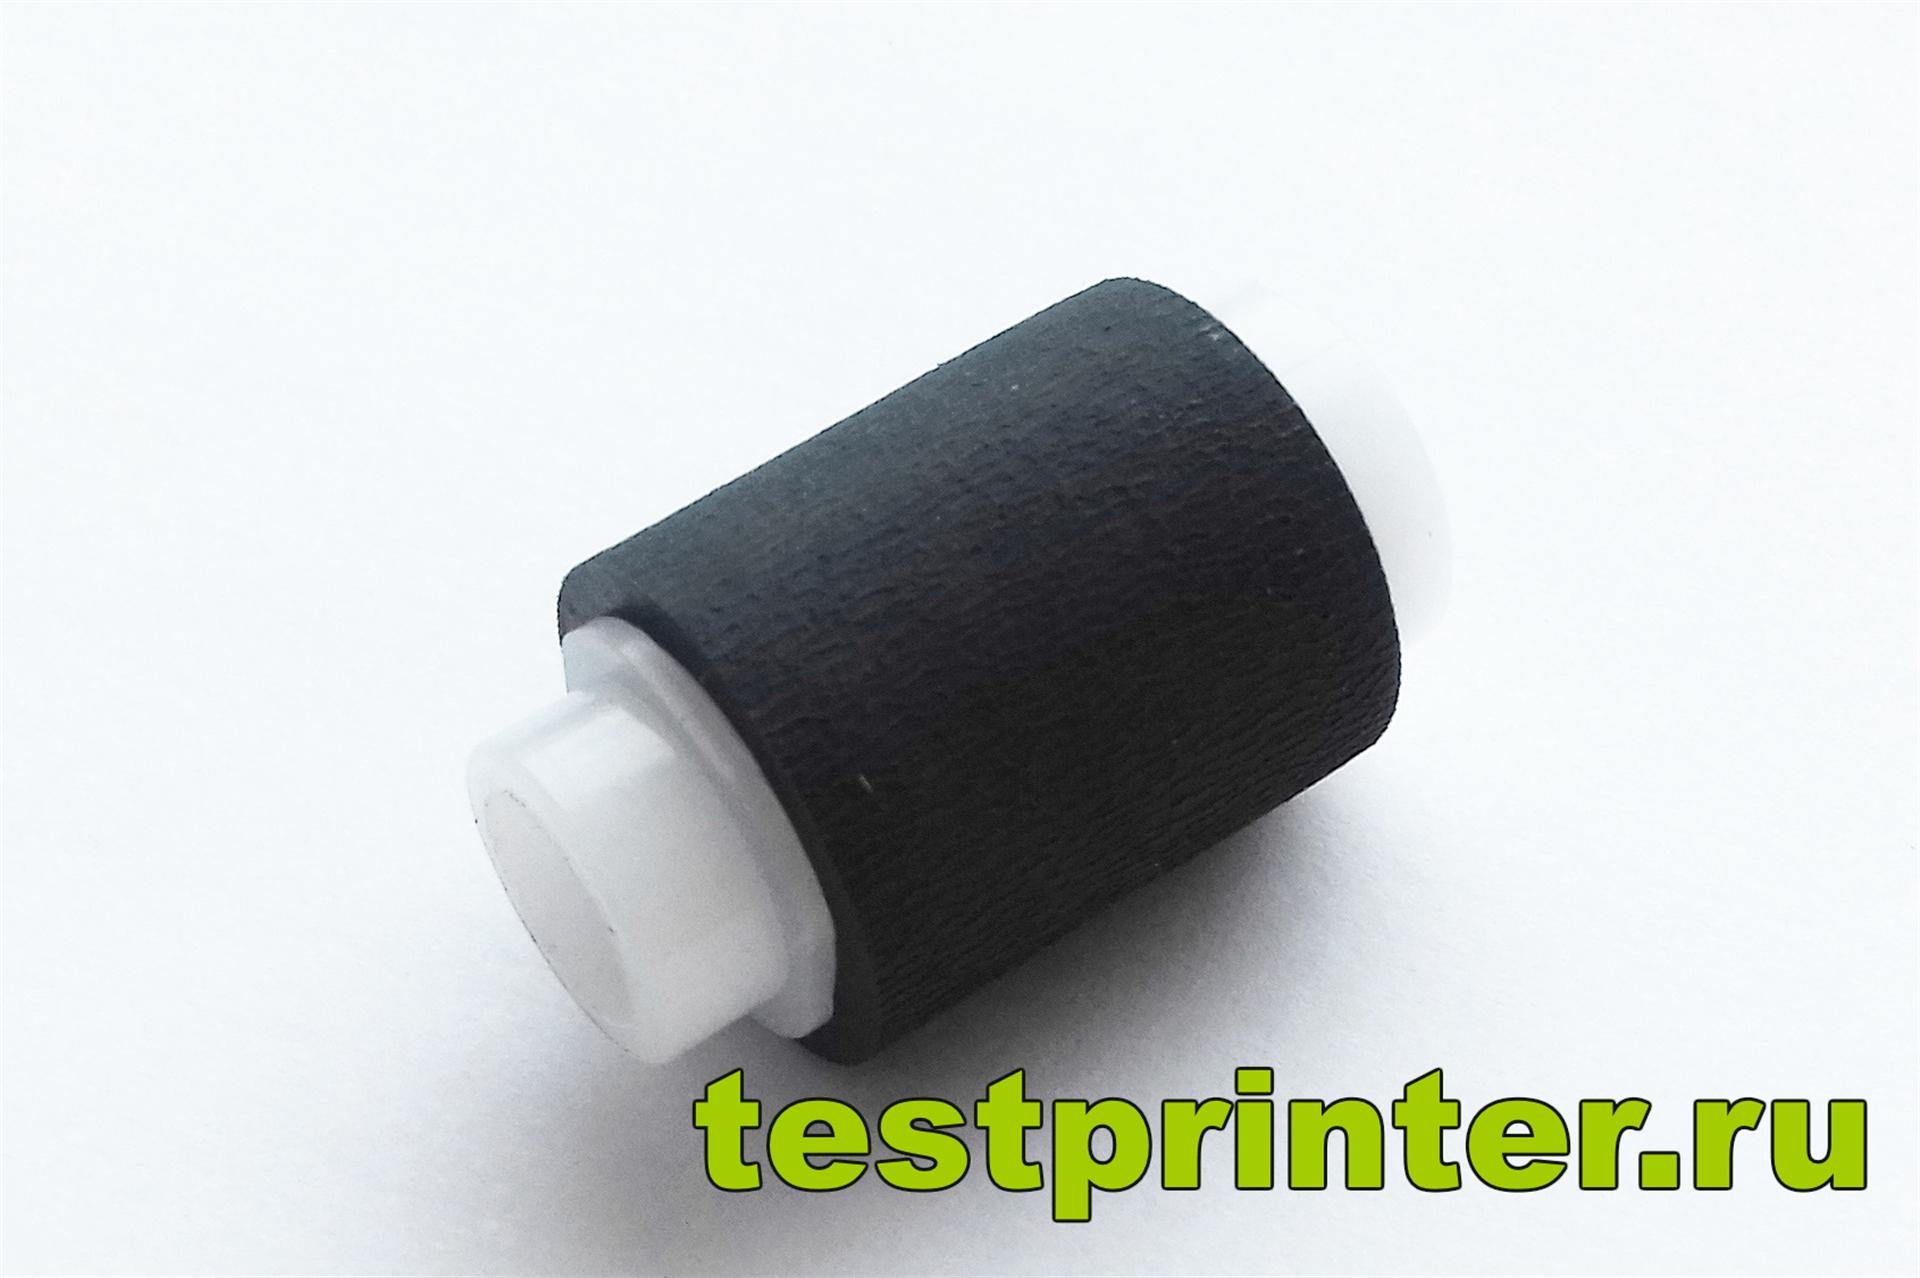 """Принтер не захватывает бумагу эпсон. Ошибка """"замятие бумаги"""" на принтерах Epson, Canon, HP – как устранить (даже если замятия нет)"""